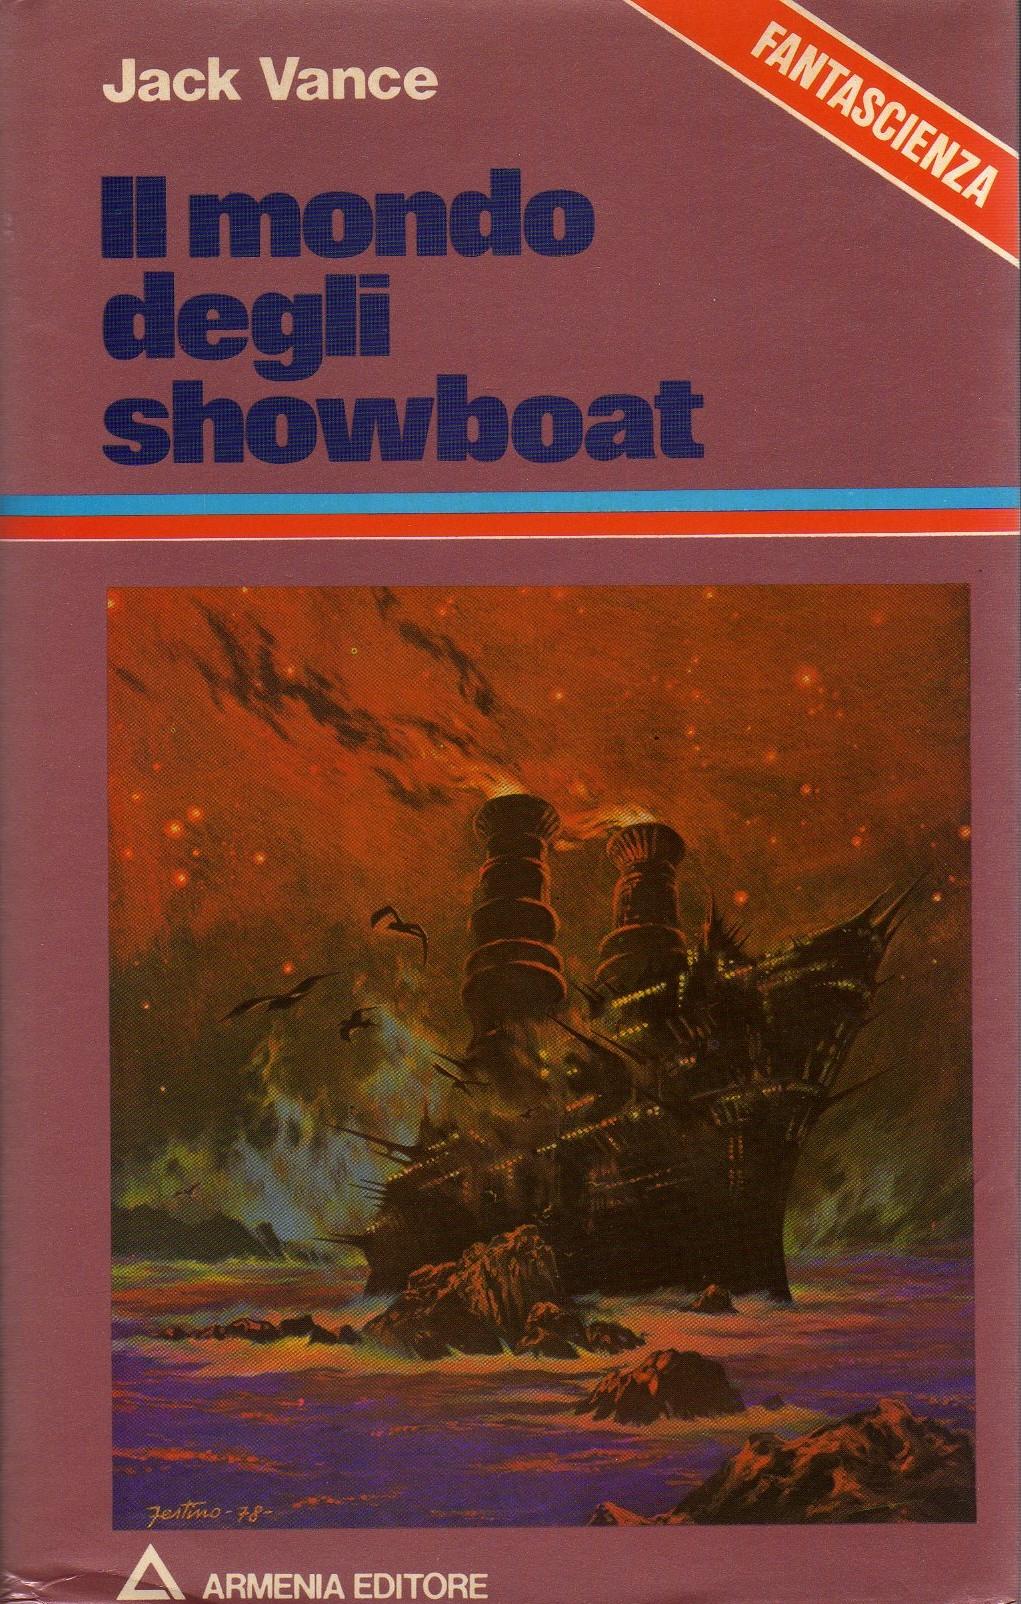 Il mondo degli showboat